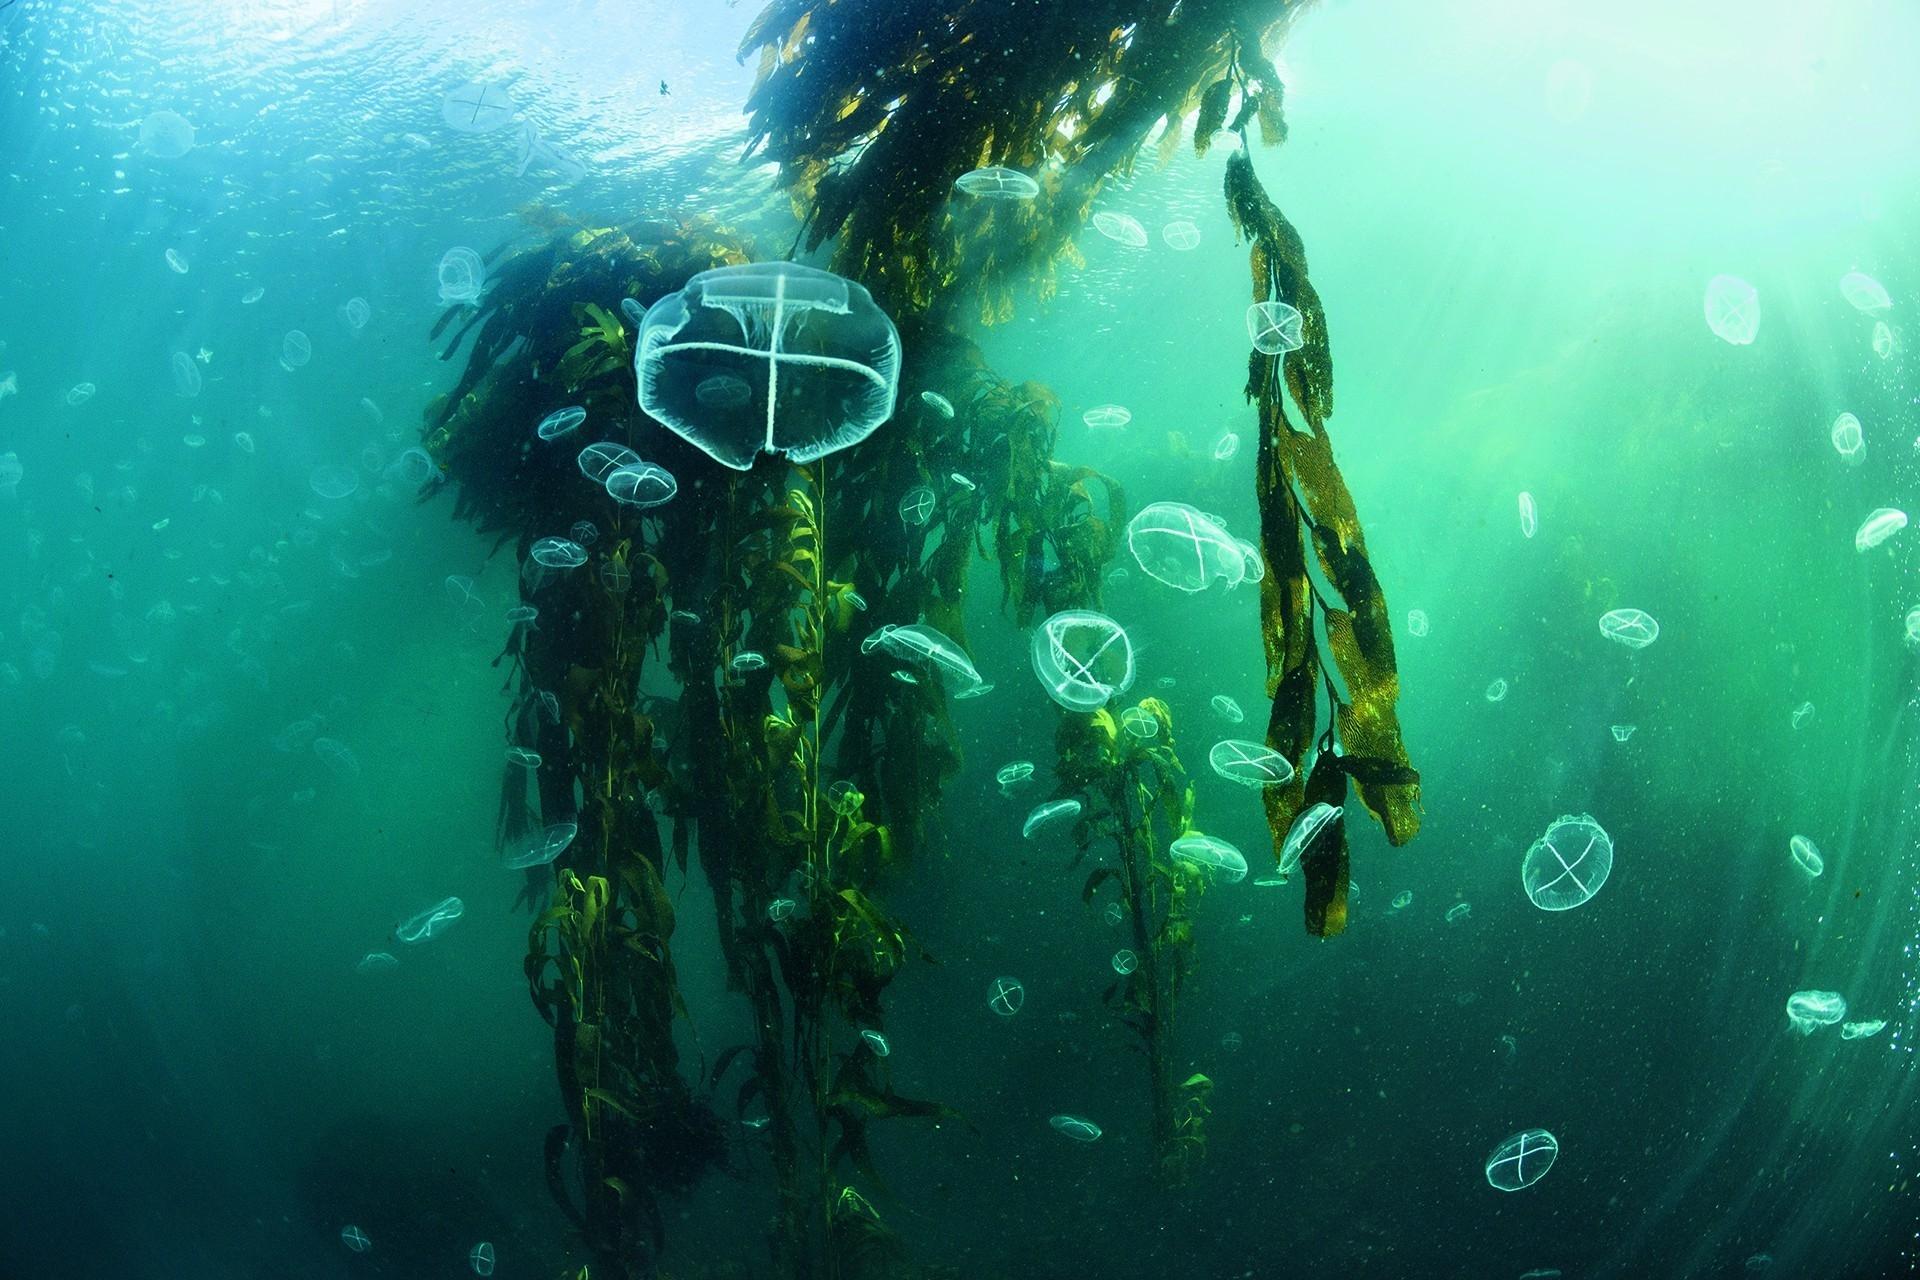 水母漂浮在阿根廷艾斯塔多島外海一座巨藻森林的藻葉之間。梨形囊巨藻(Macrocystis pyrifera)是海洋中最大的藻類,向上生長可超過45公尺。梨形囊巨藻森林孕育著地球上最具多樣性的生態系之一。攝影:安立克.薩拉 ENRIC SALA